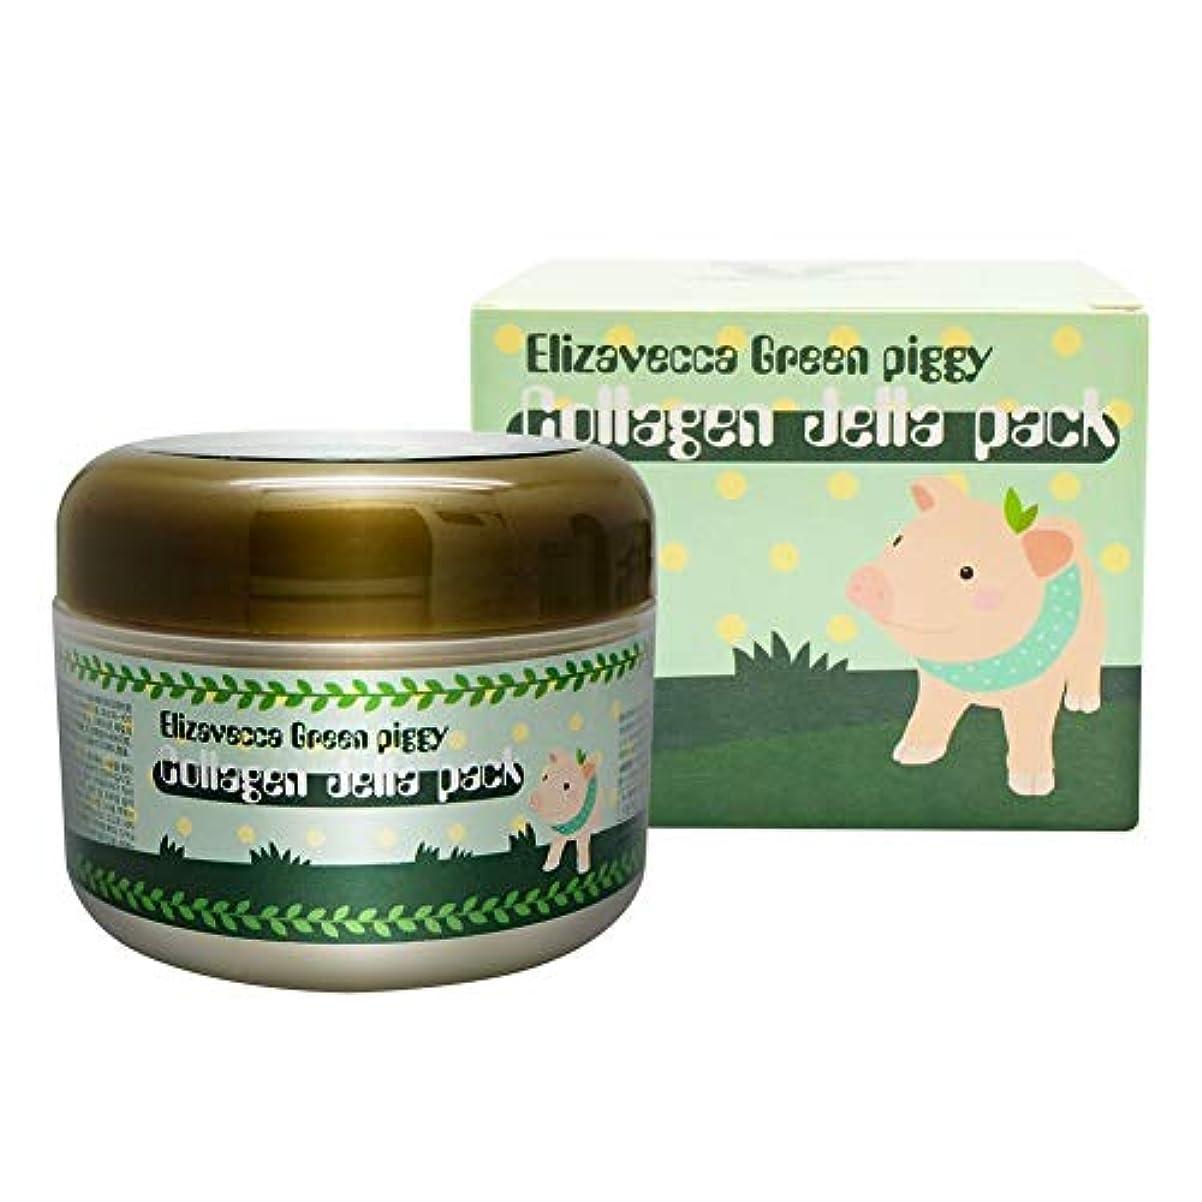 ピースリボンマントルElizavecca Green Piggy Collagen Jella Pack pig mask 100g